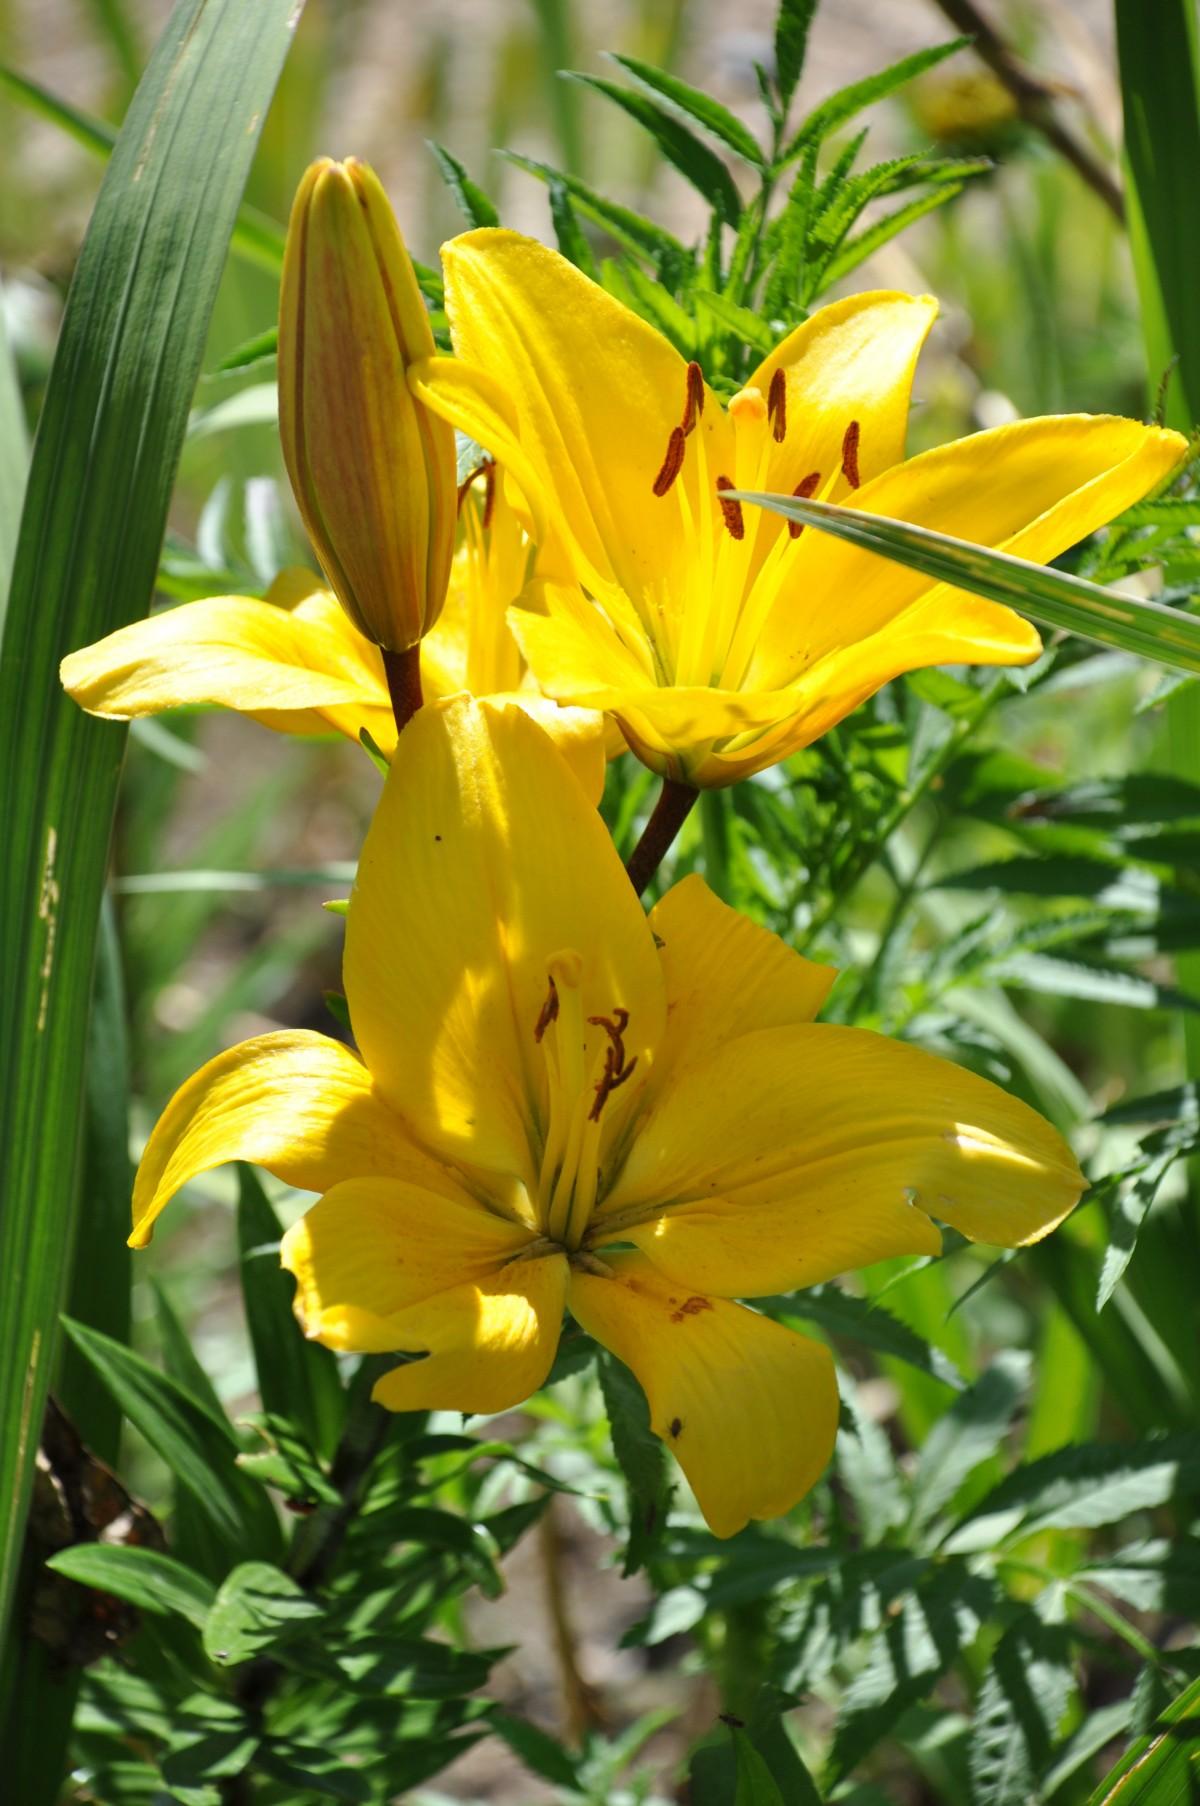 images gratuites fleur p tale vert botanique flore lis lys fleurs jaunes. Black Bedroom Furniture Sets. Home Design Ideas